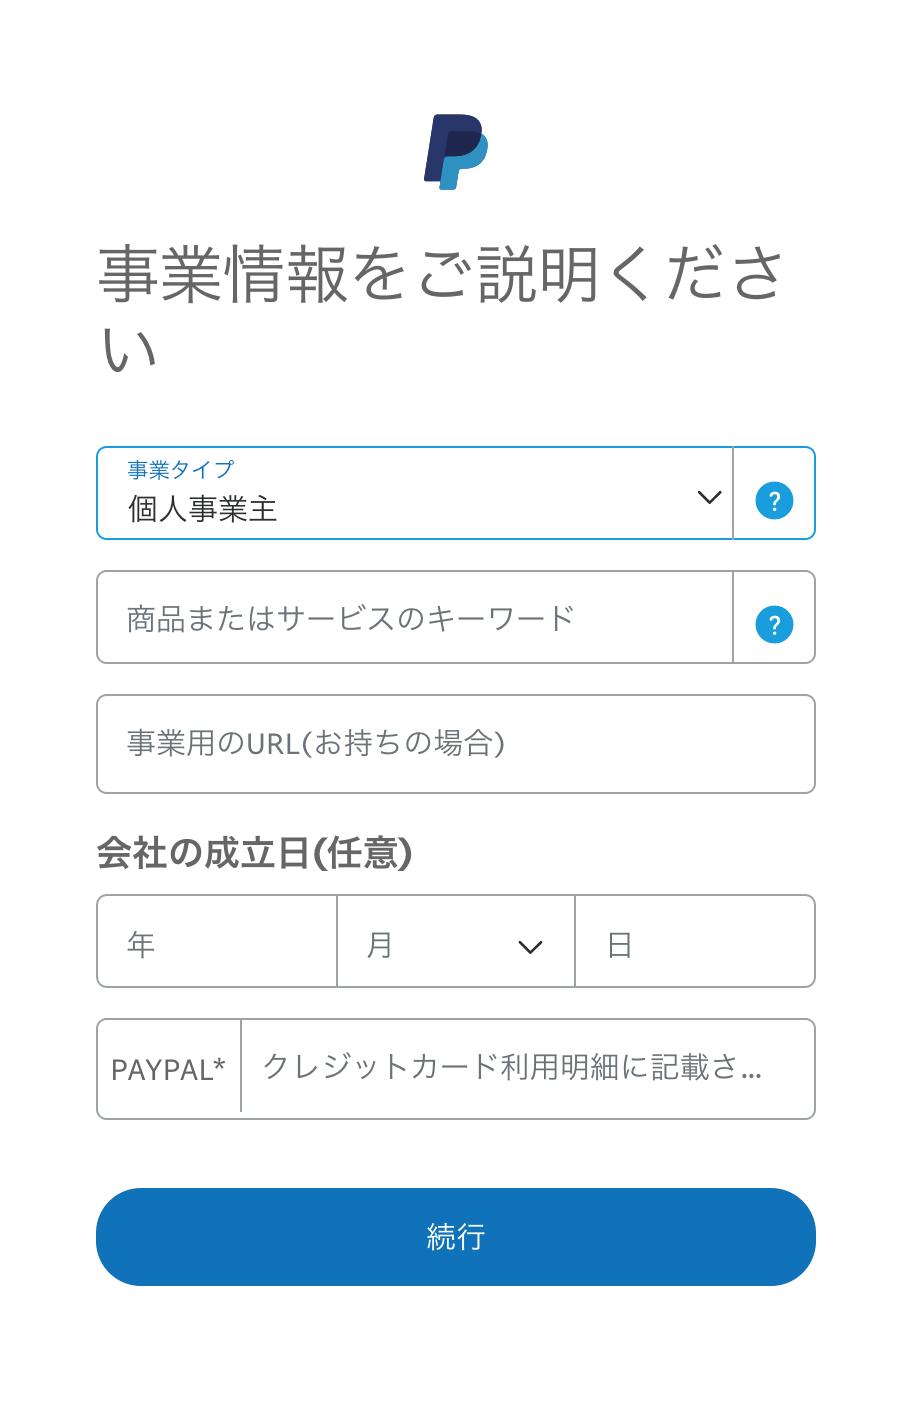 PayPal 事業情報を設定する